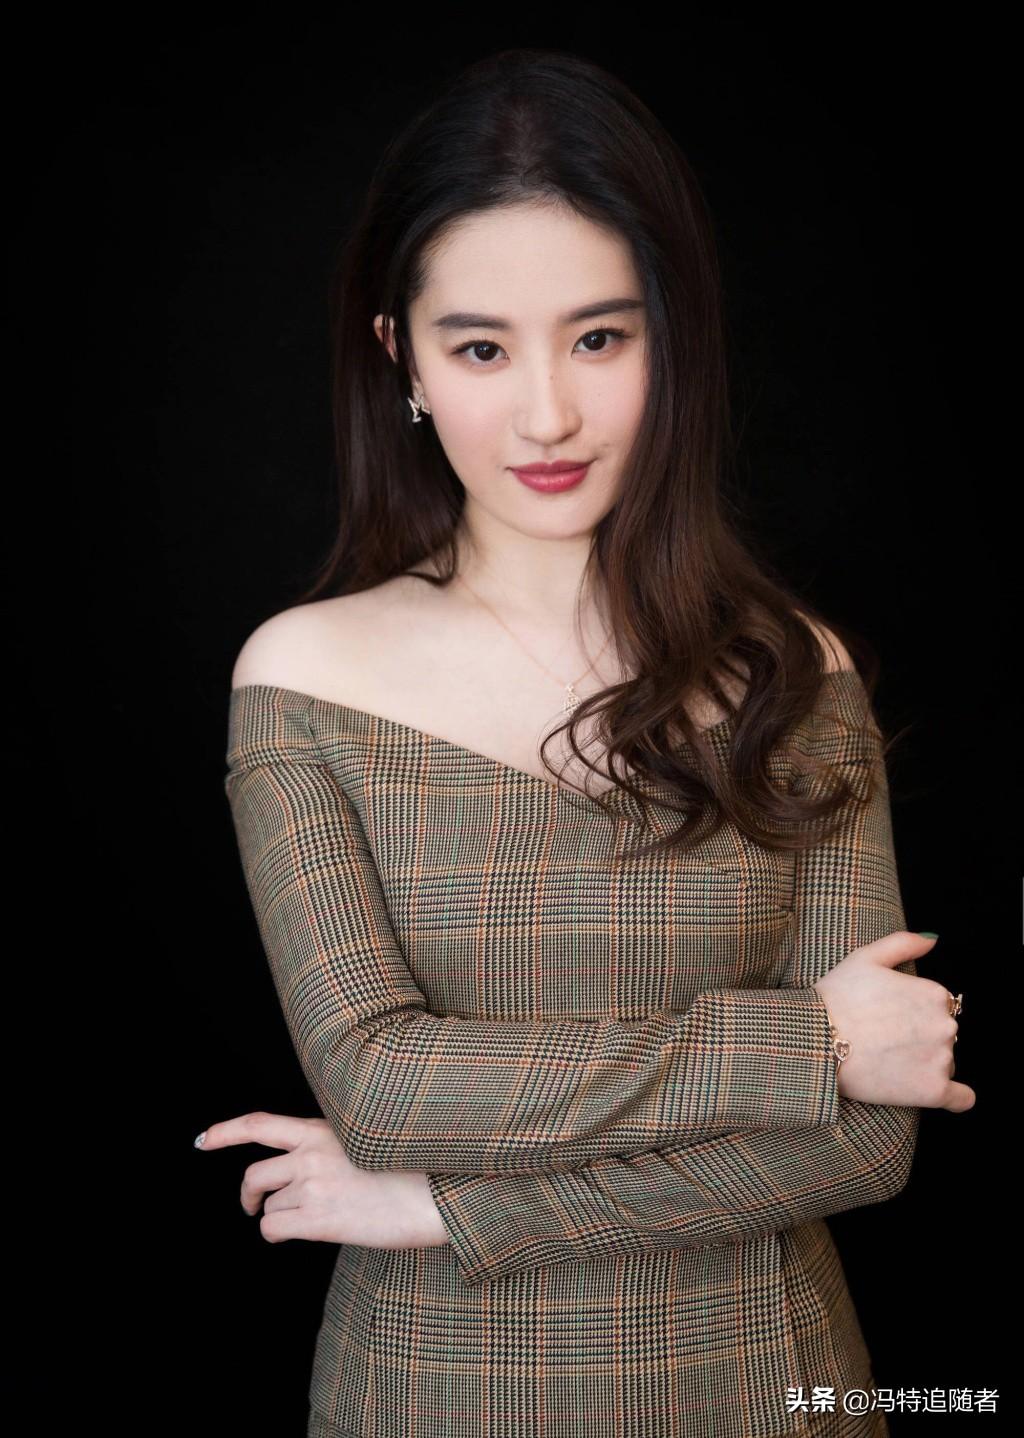 刘亦菲——当之无愧的颜值担当